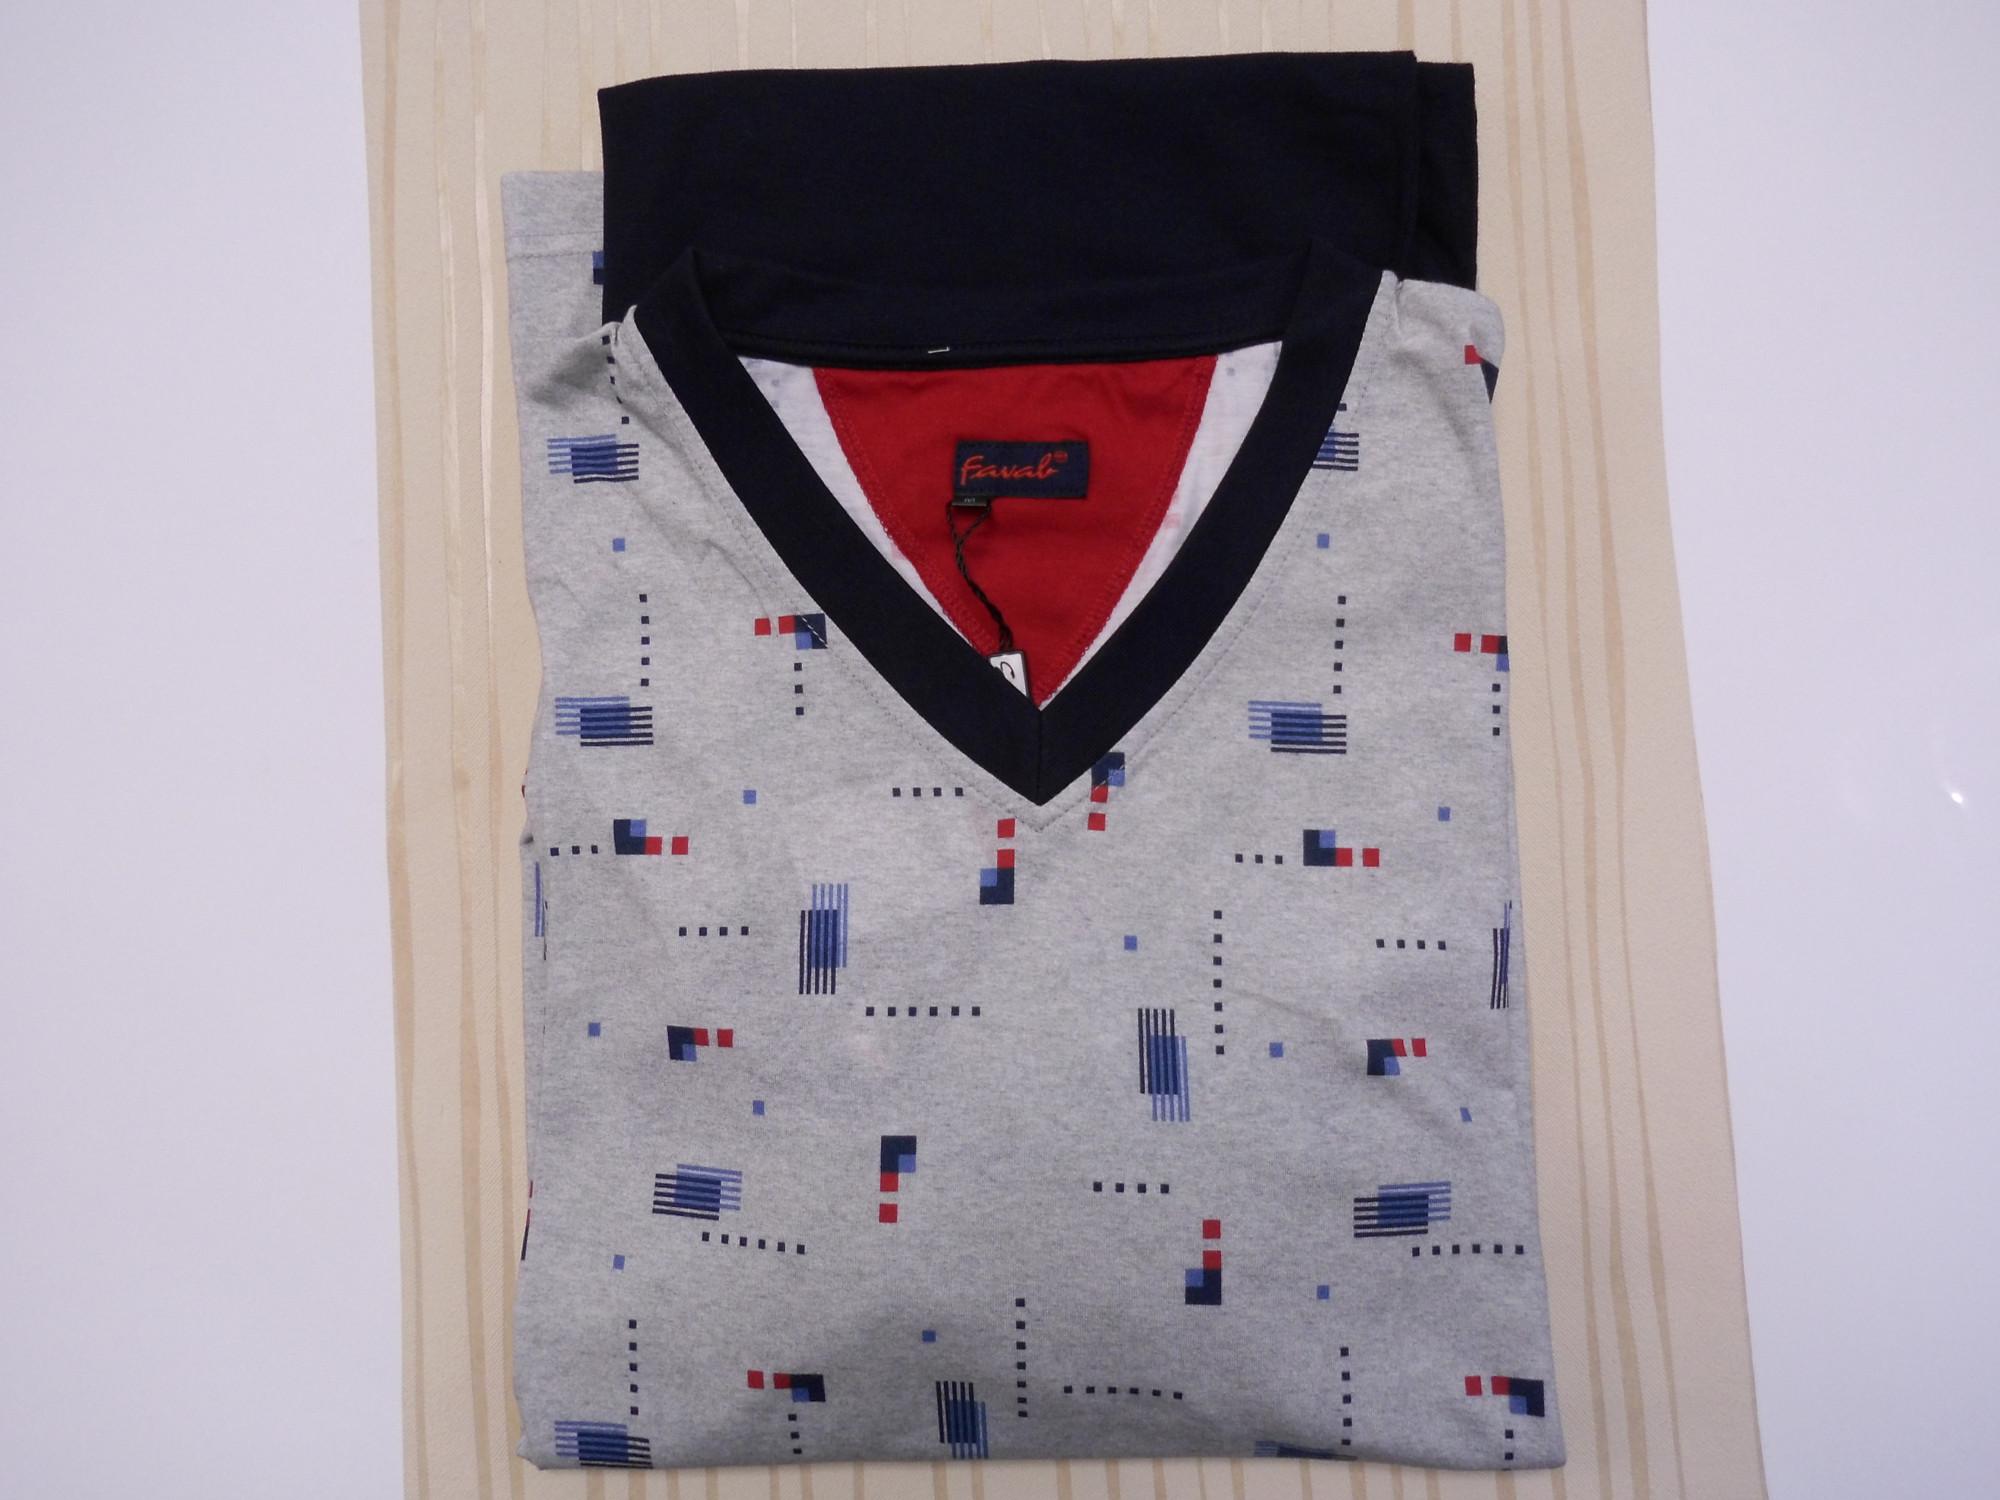 Pánské pyžamo Reson DR V - Favab Barva: šedá, Velikost: M